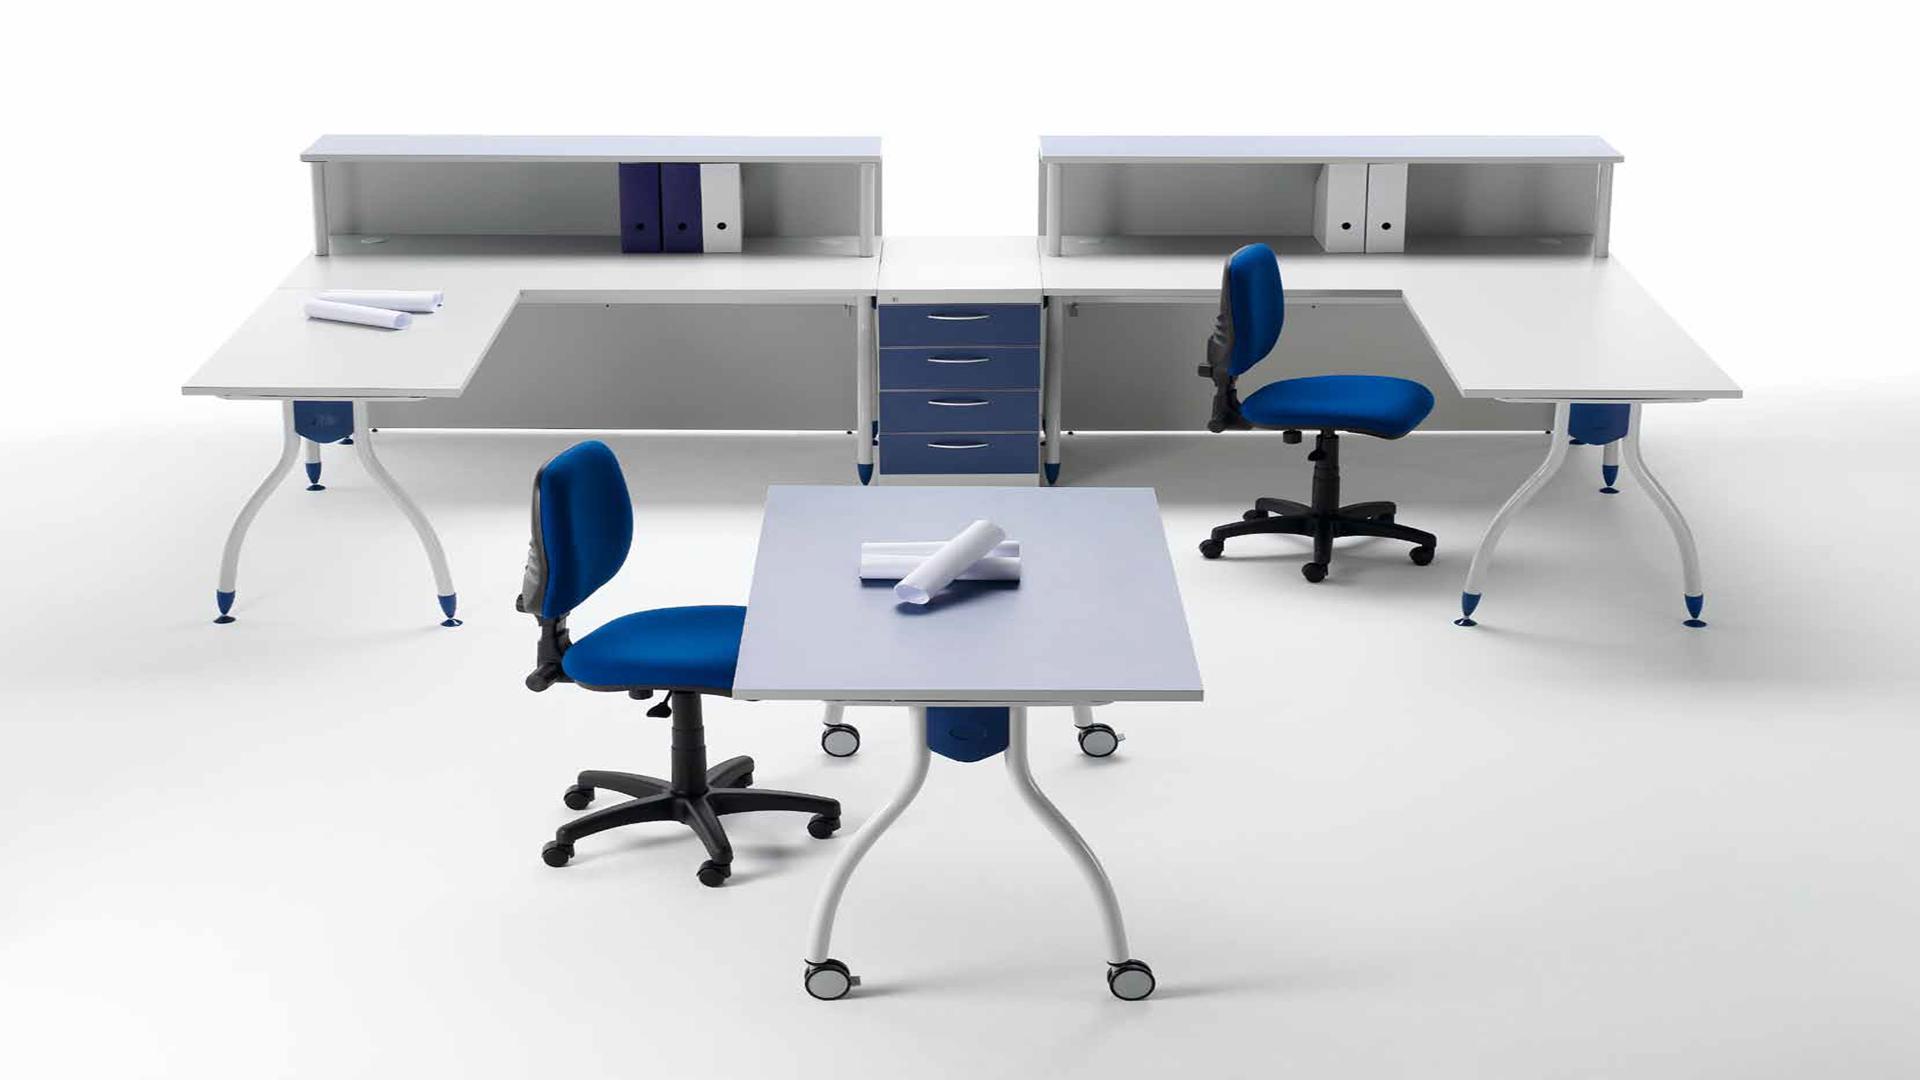 Mobili rio de escrit rio linha nisa space out for Mobiliario de escritorio